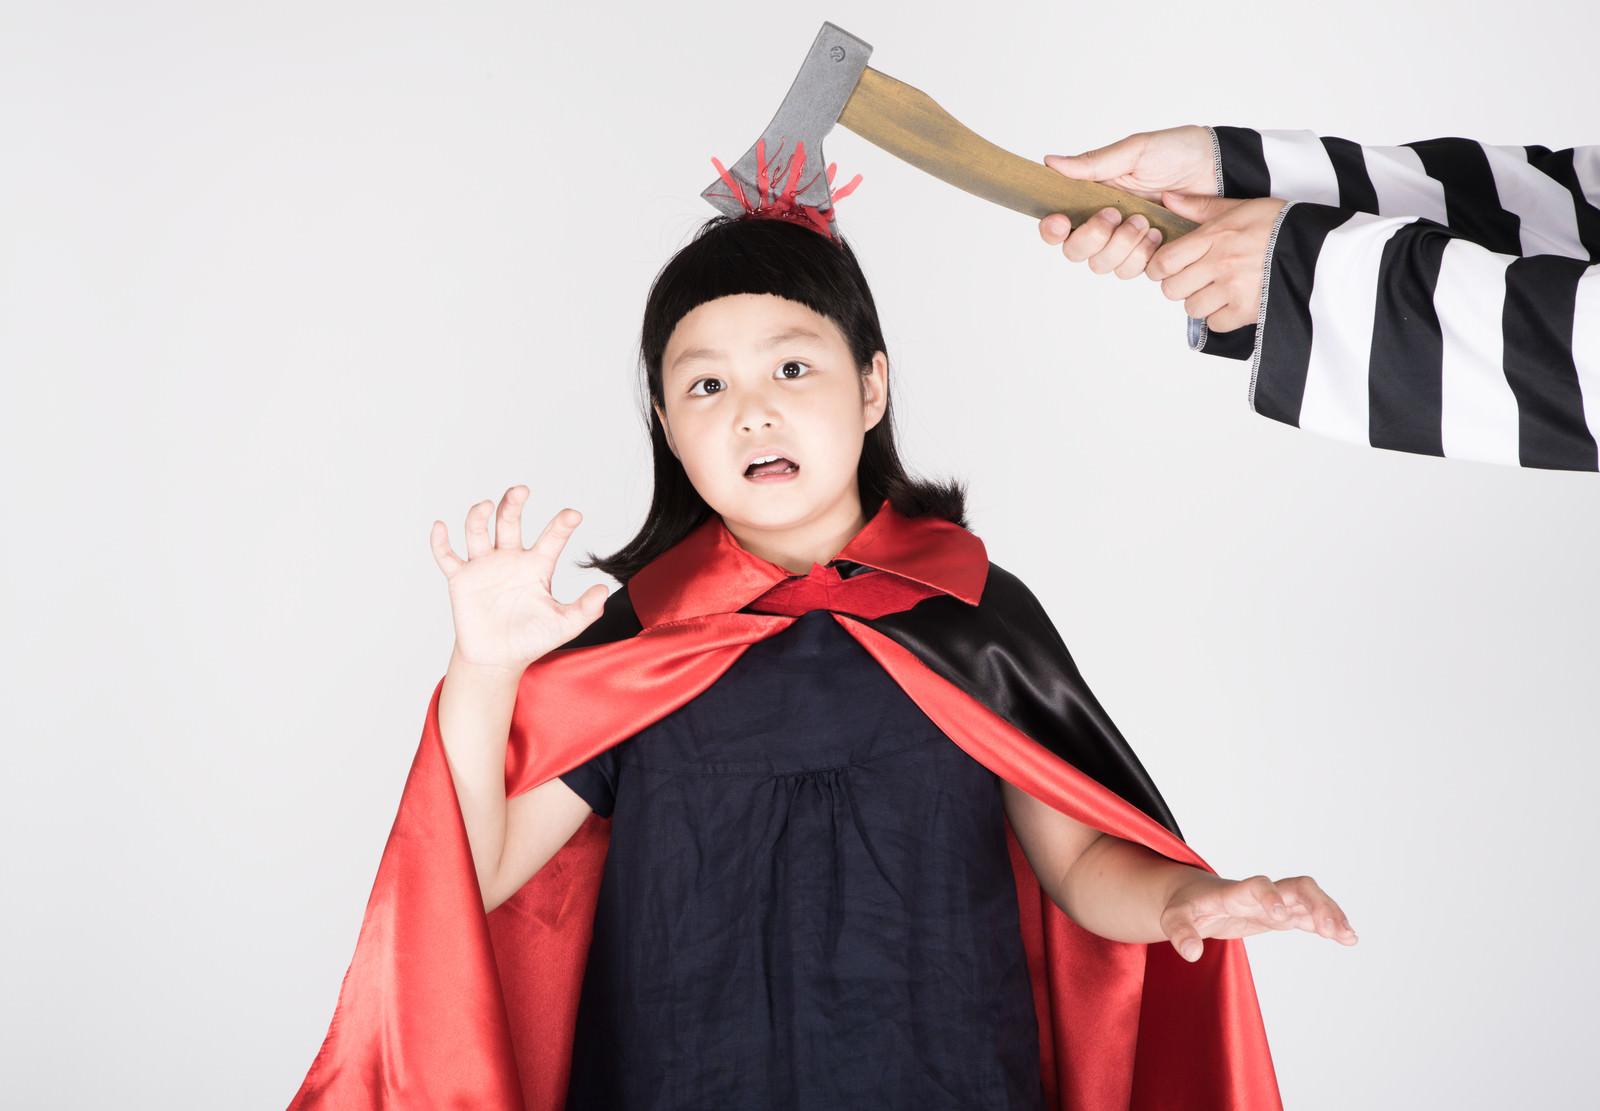 「頭に斧がささったかのように見えるハロウィン用グッズ」の写真[モデル:ゆうき]